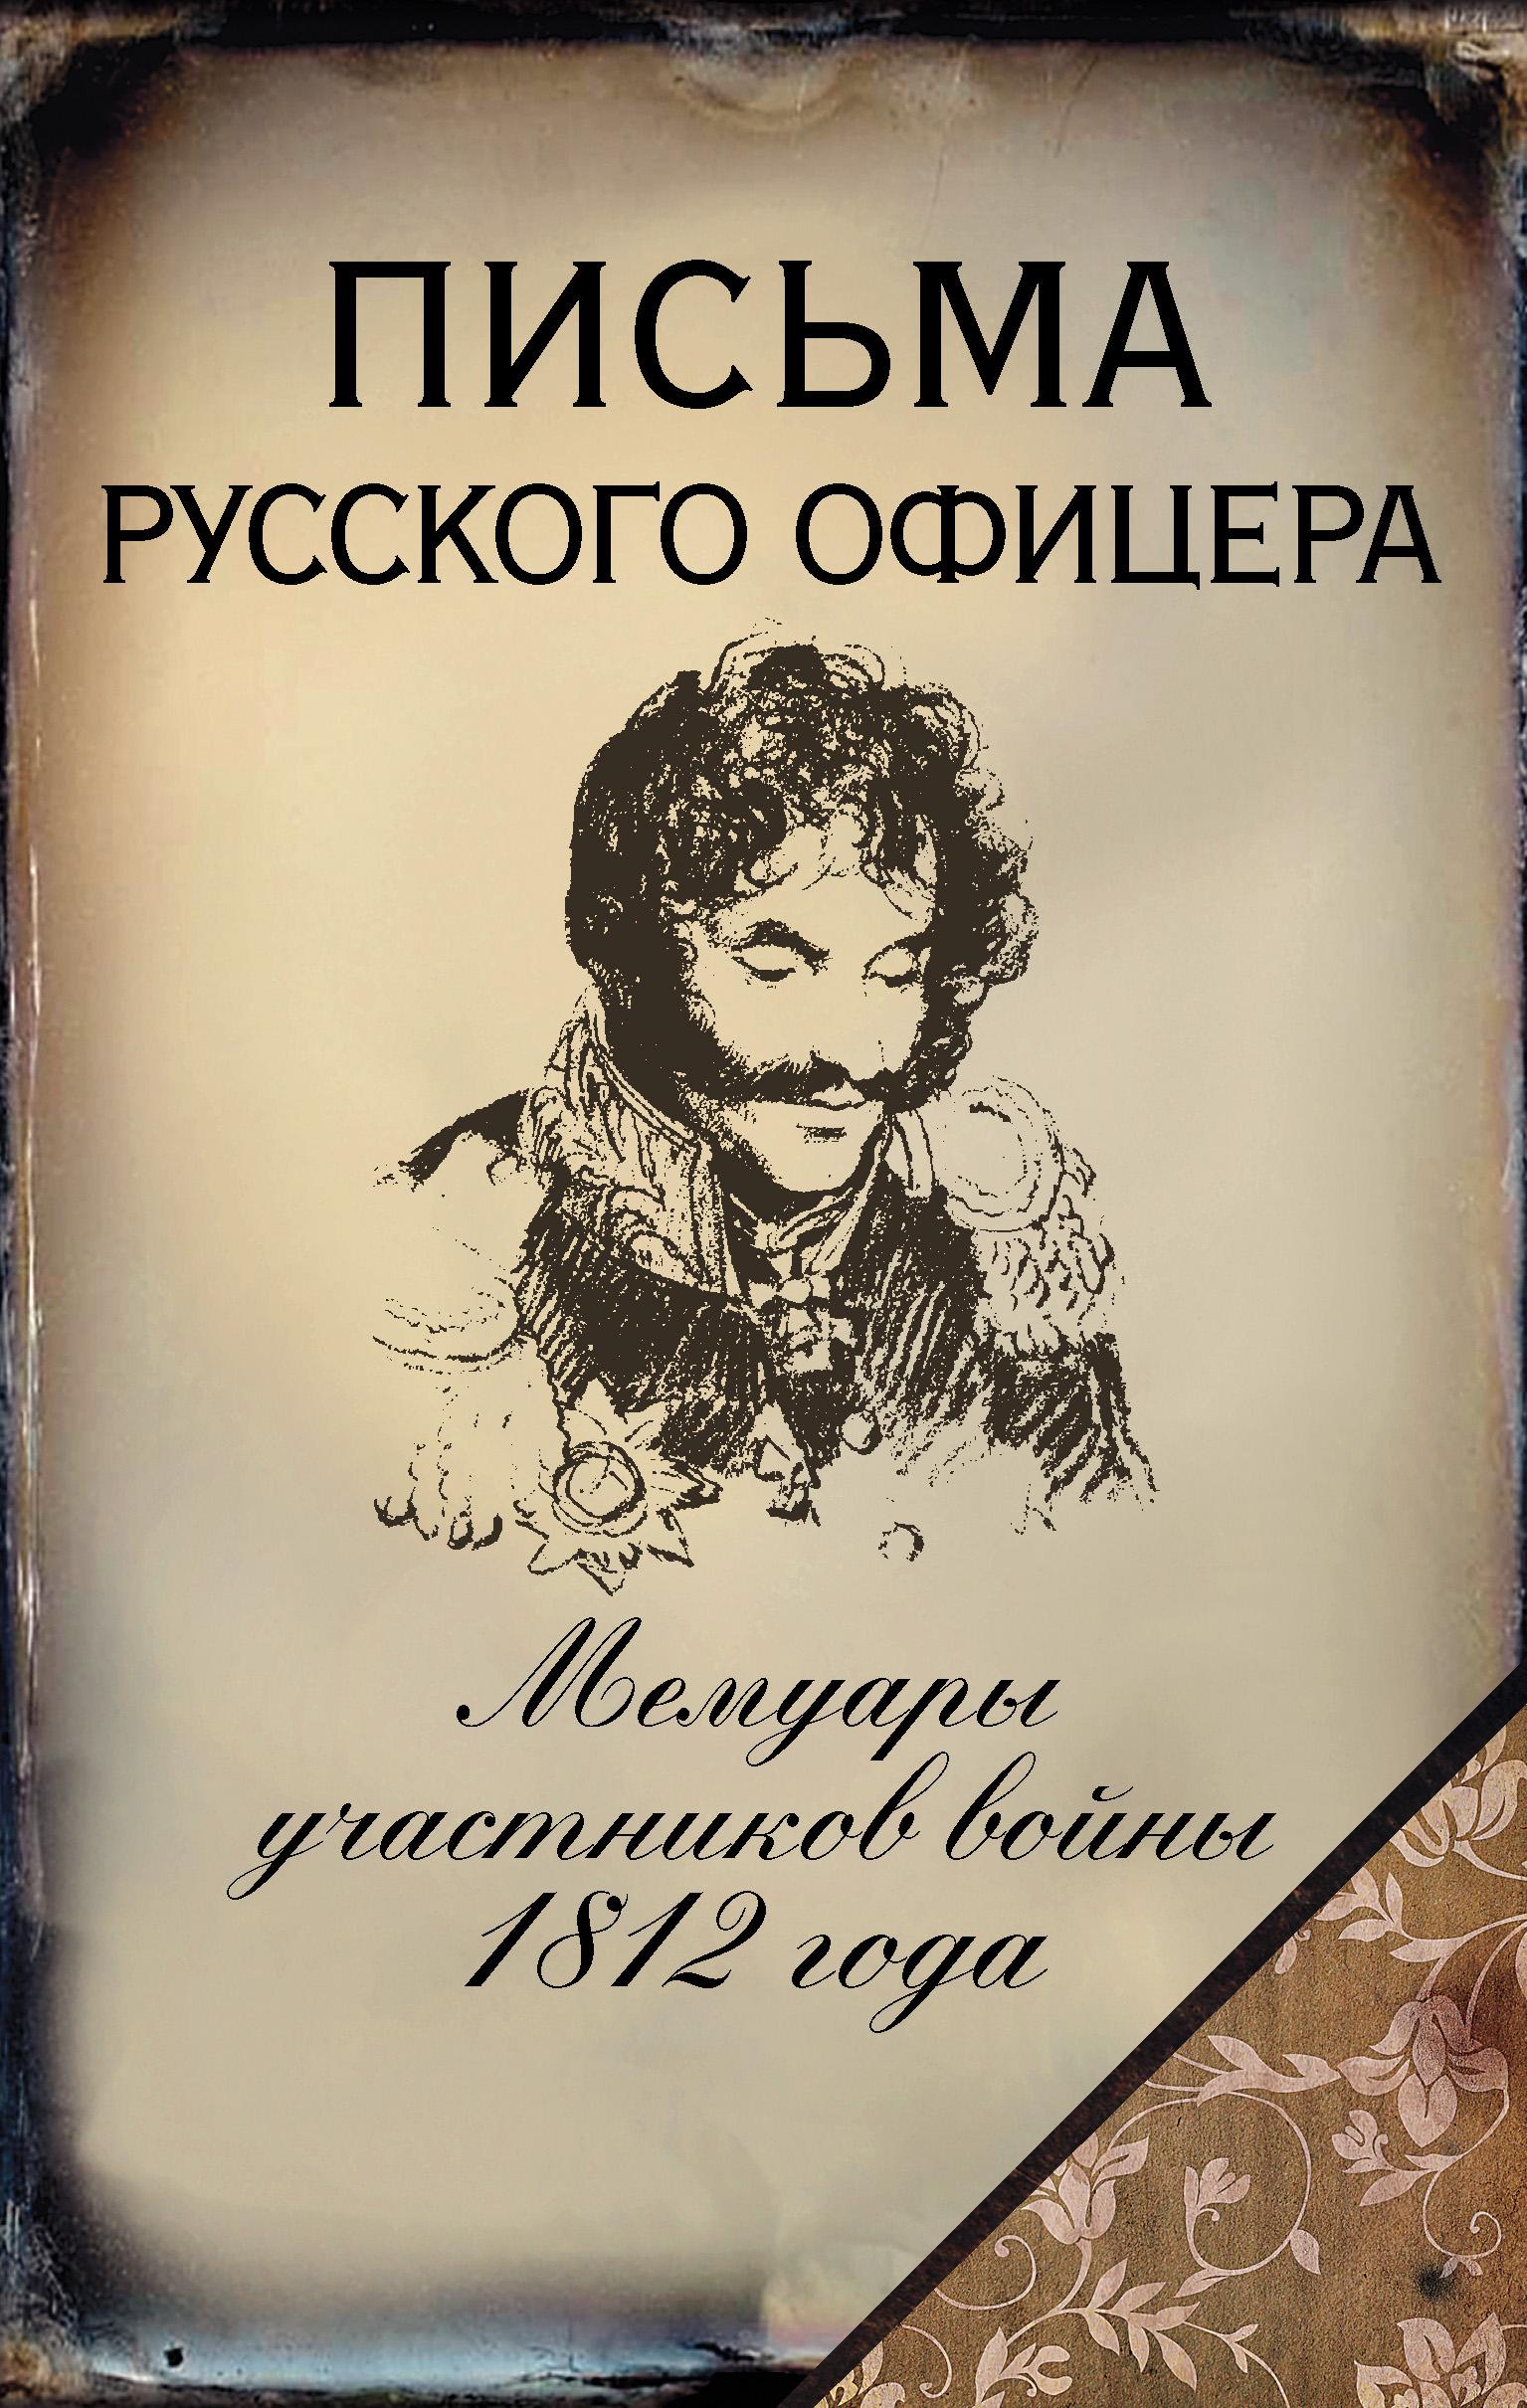 цена на Денис Давыдов Письма русского офицера. Мемуары участников войны 1812 года